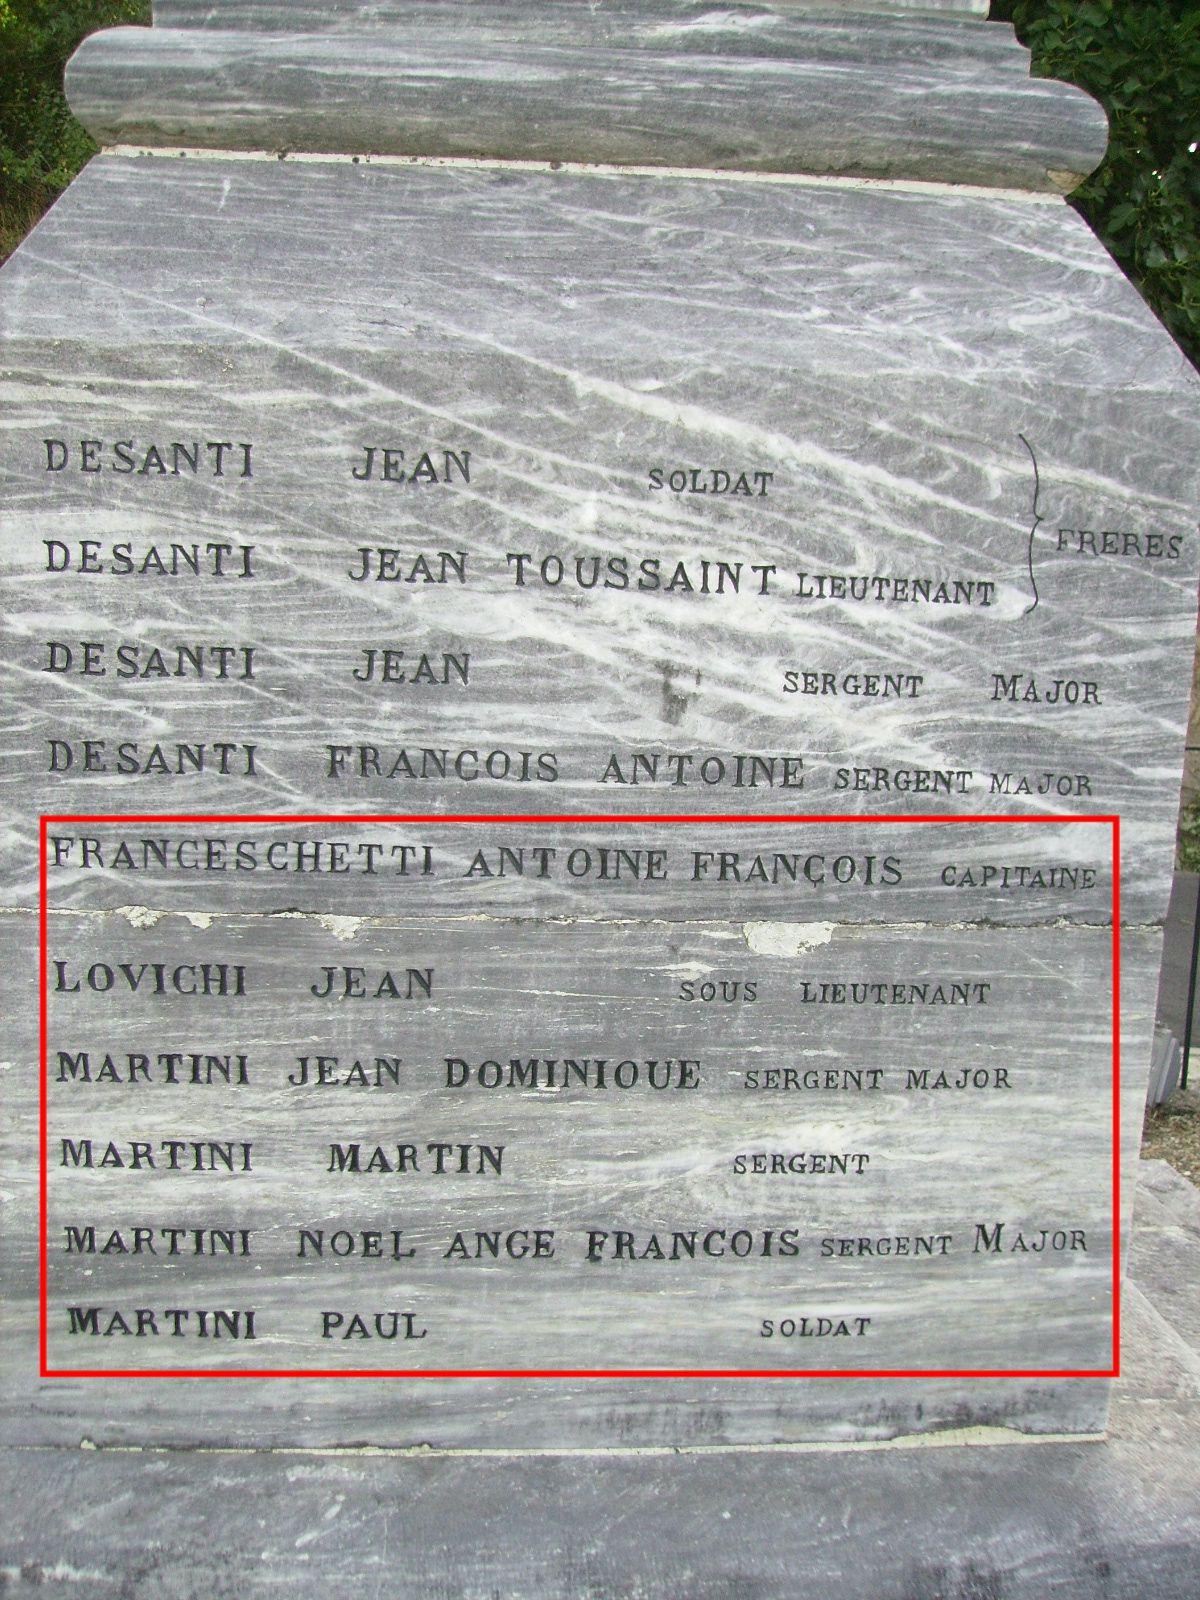 Les trente noms du monument: la fin de la deuxième face (4)